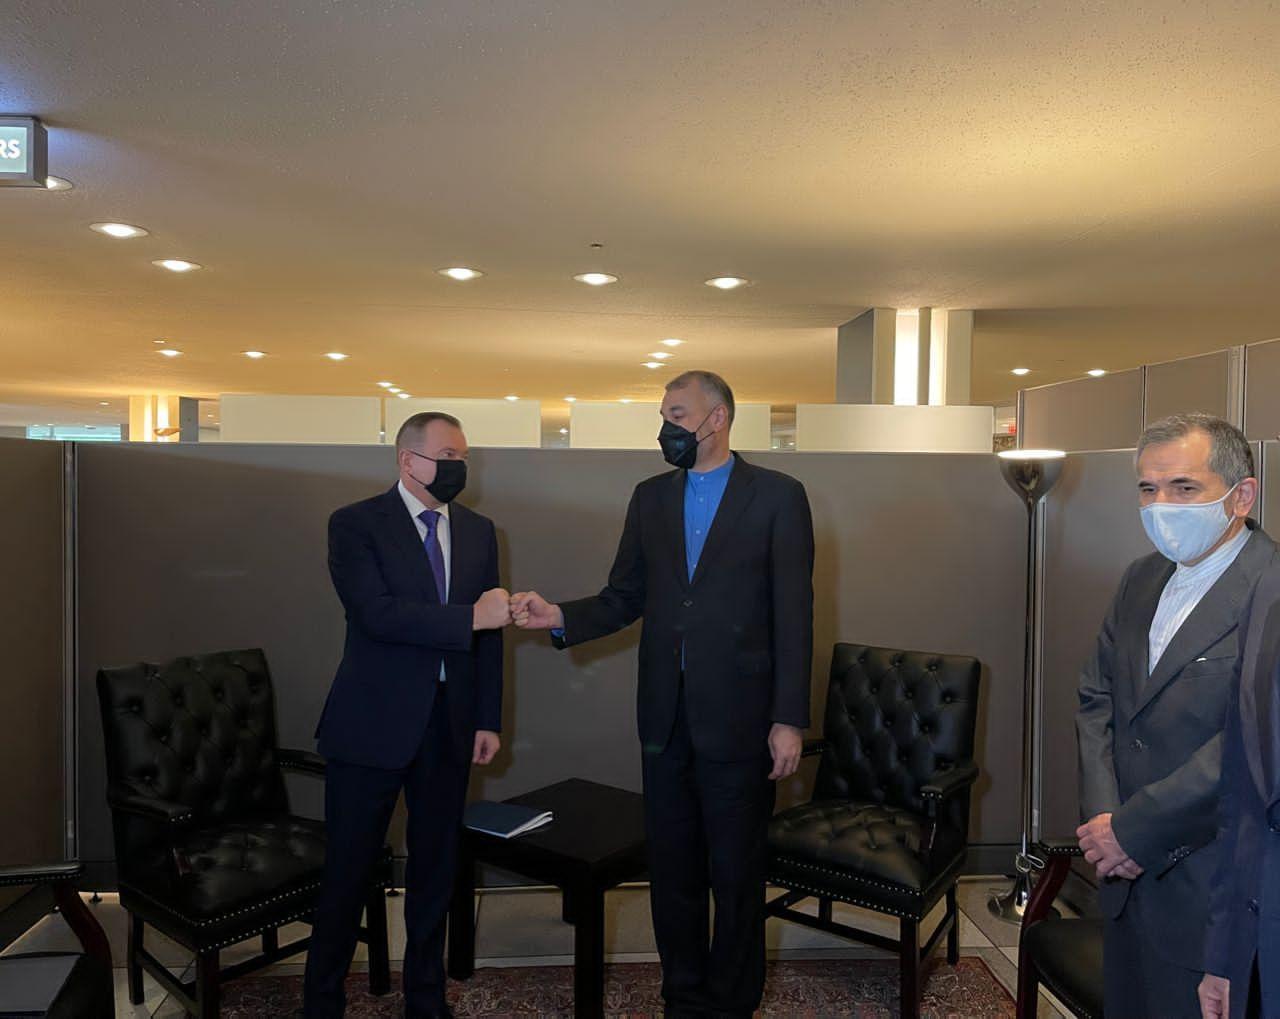 ملاقات وزرای خارجه ایران و بلاروس